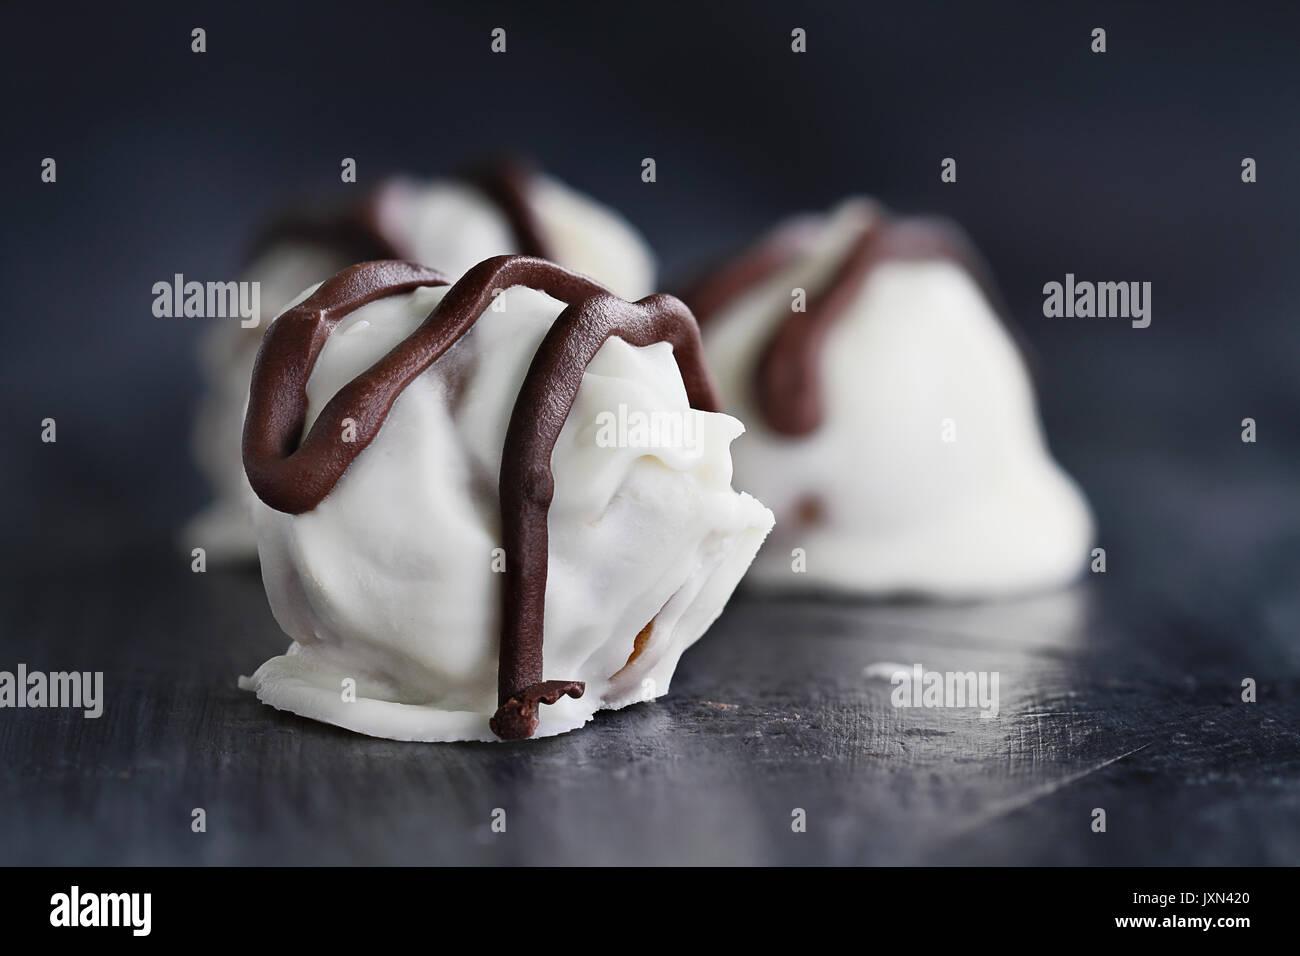 Trufas de chocolate blanco para Navidad o San Valentín rociados con chocolate amargo. Profundidad de campo extremas con el enfoque selectivo en dulces Foto de stock